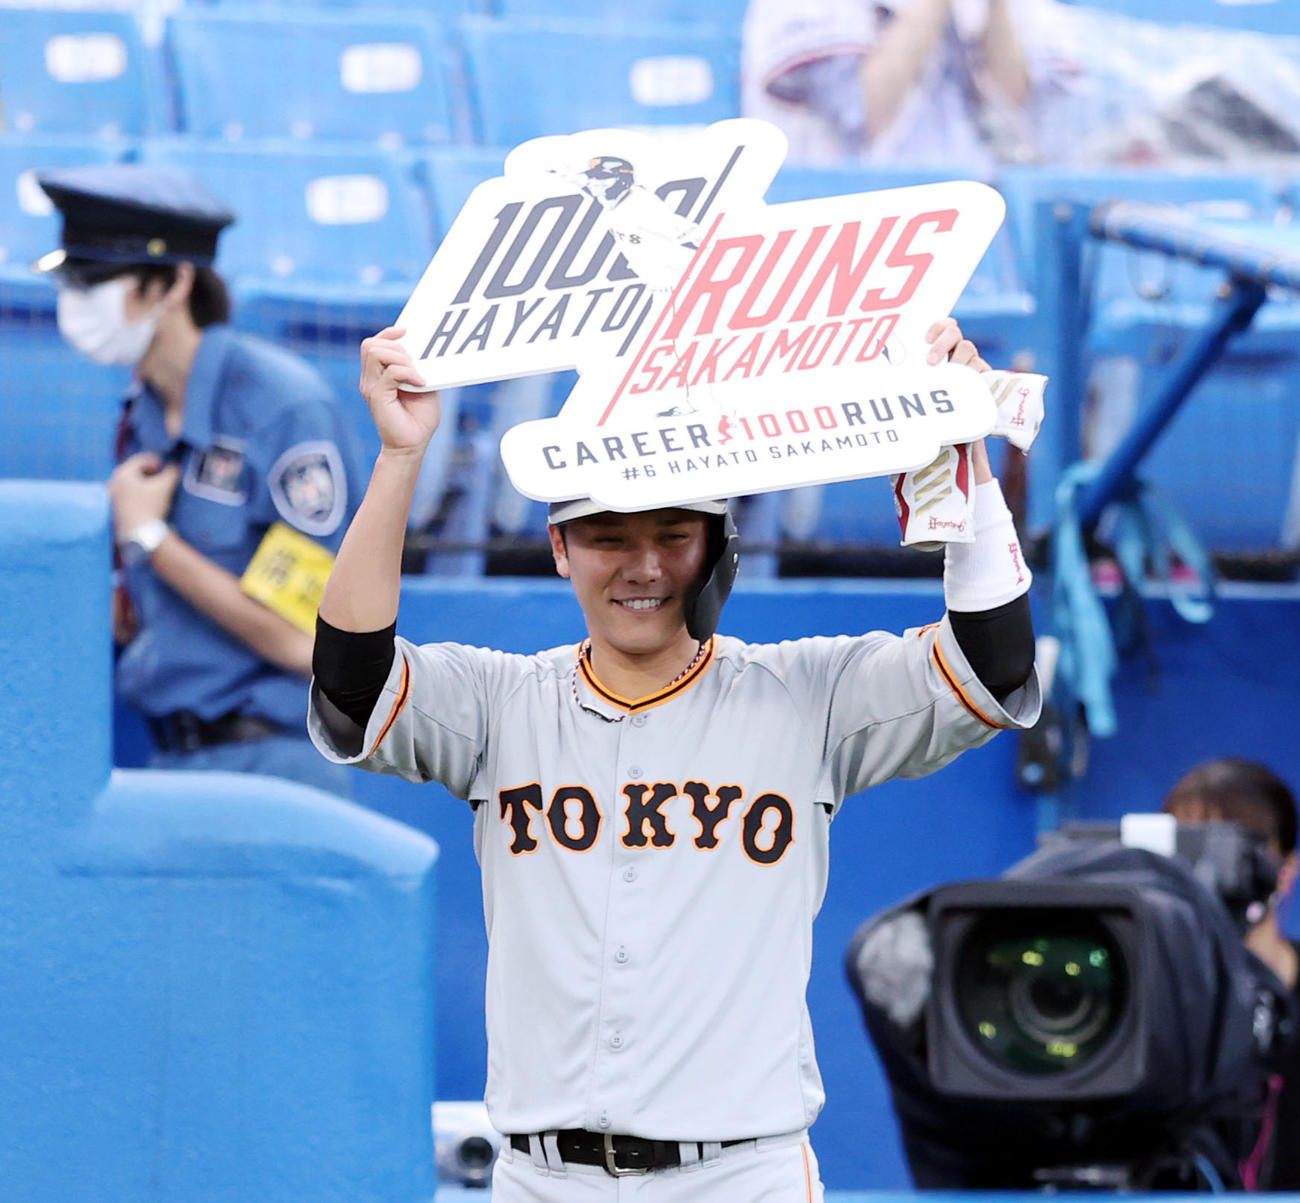 巨人坂本勇人「感謝しかない」通算1000得点達成 - プロ野球 : 日刊スポーツ